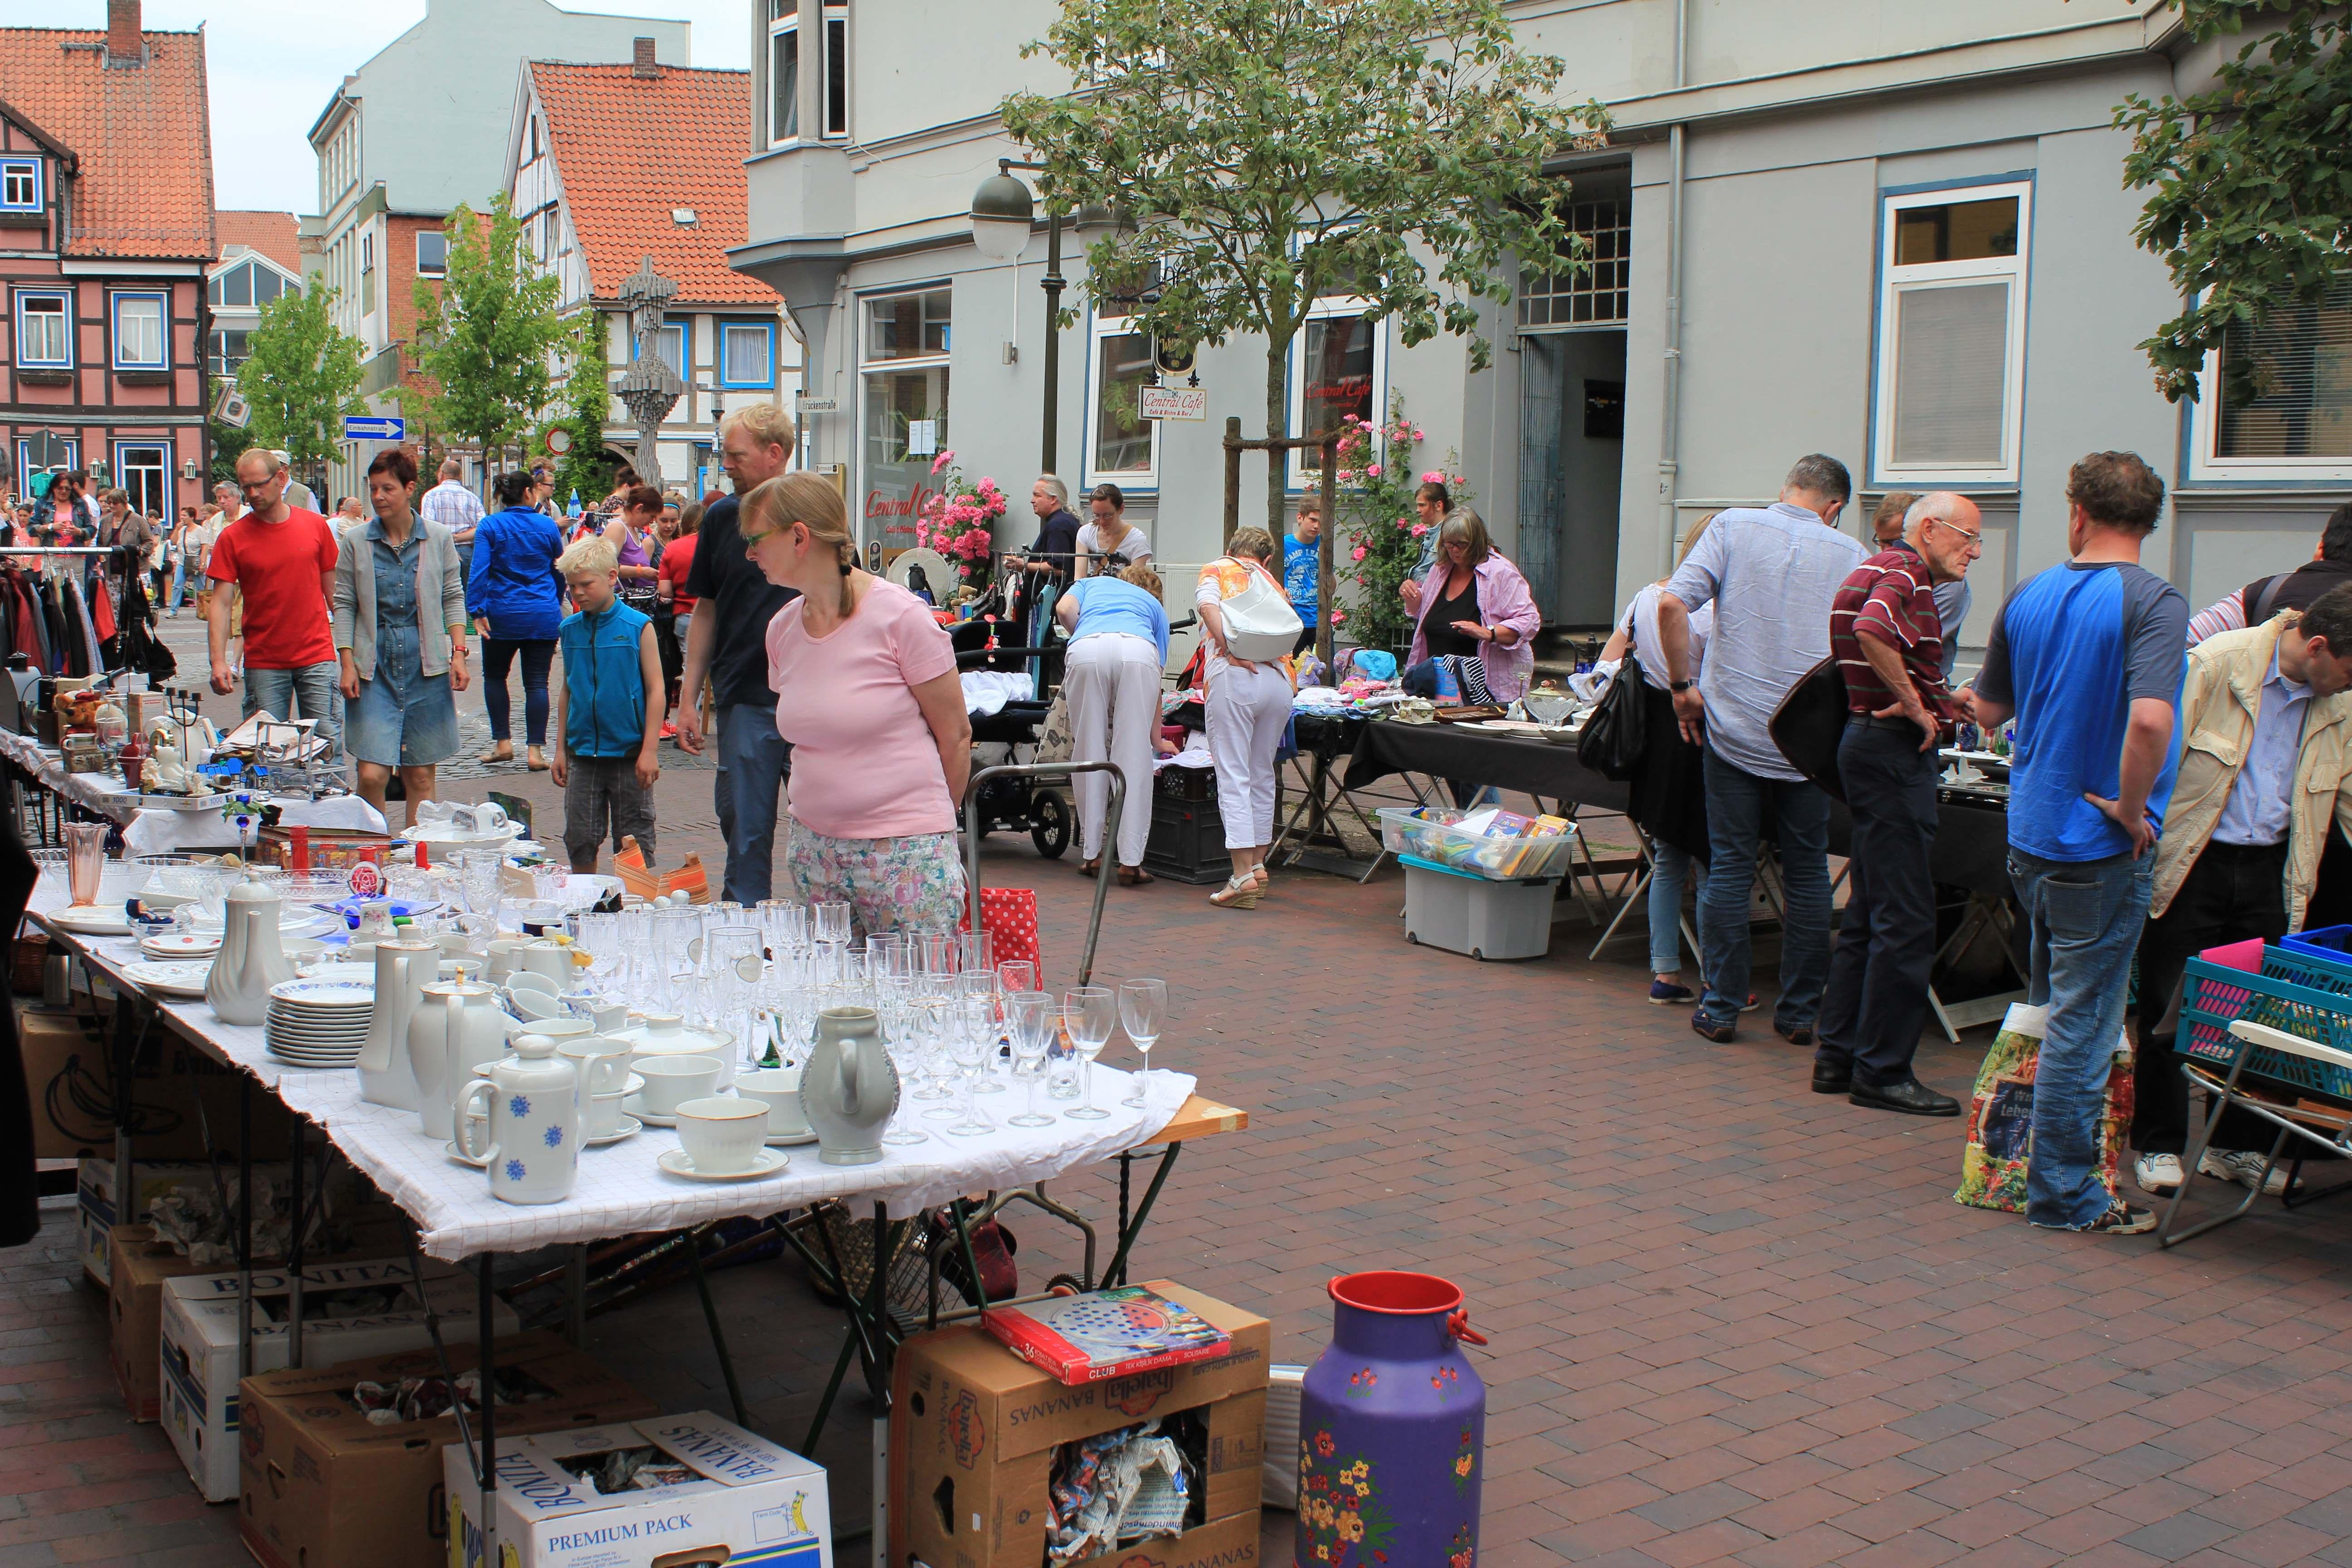 flohmarkt-am-schnellenmarkt-062015_jas-14-klein